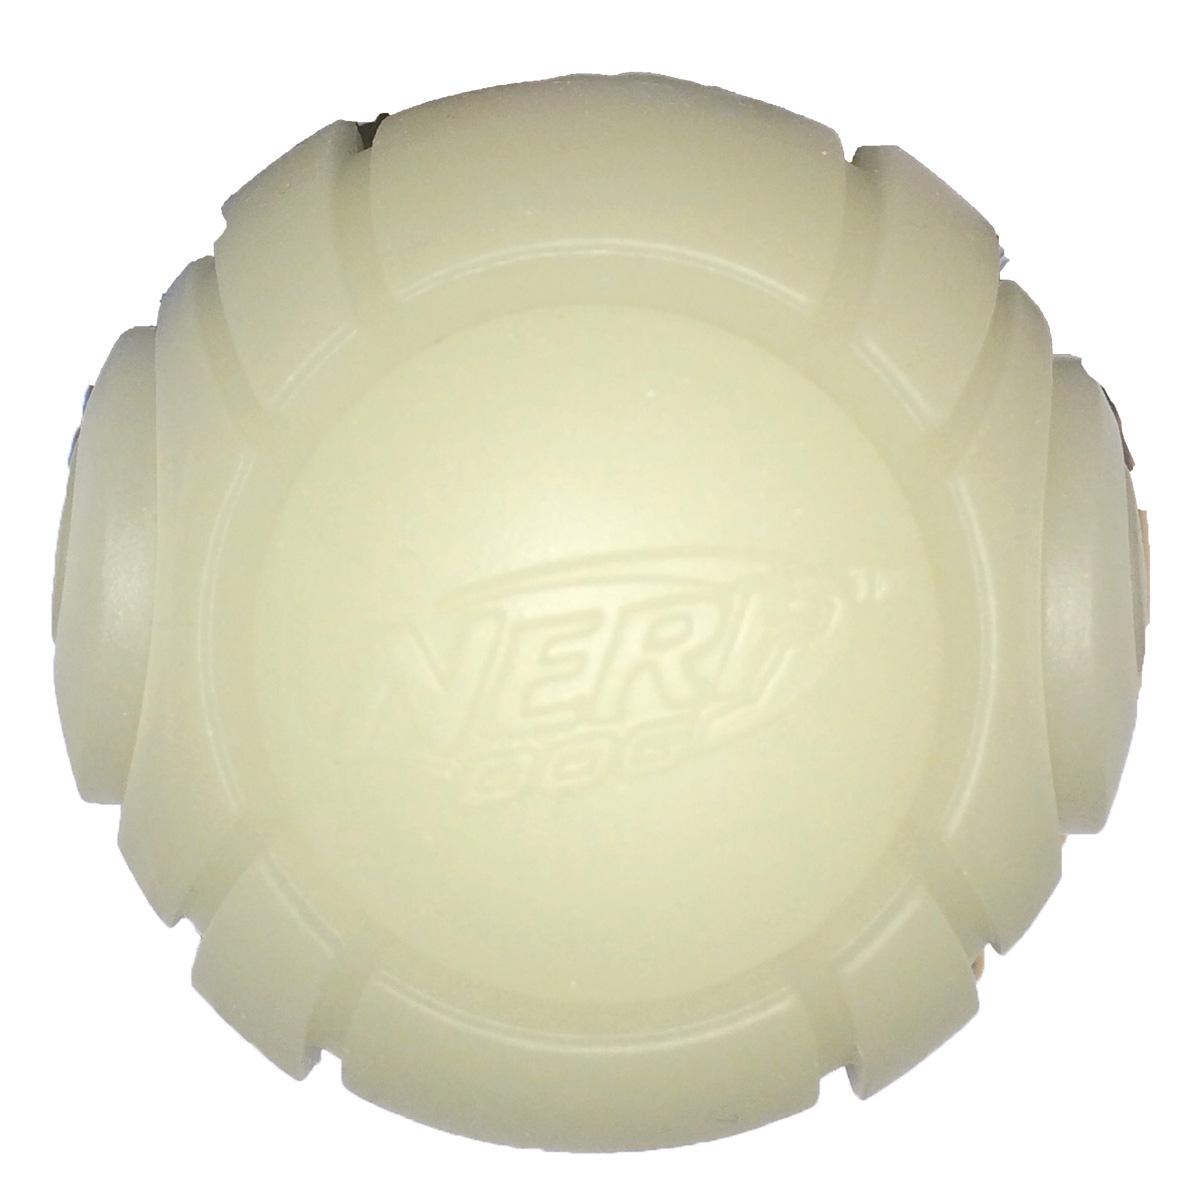 Игрушка для собак Nerf Мяч теннисный для бластера, диаметр 6 см. 30731GLG036Игрушка для собак Nerf Мяч теннисный для бластера, изготовленный из прочной долговечной резины, не позволит скучать вашему питомцу и дома, и на улице. Изделие великолепно подходит для игры и массажа десен вашего питомца. Диаметр мяча: 6 см.